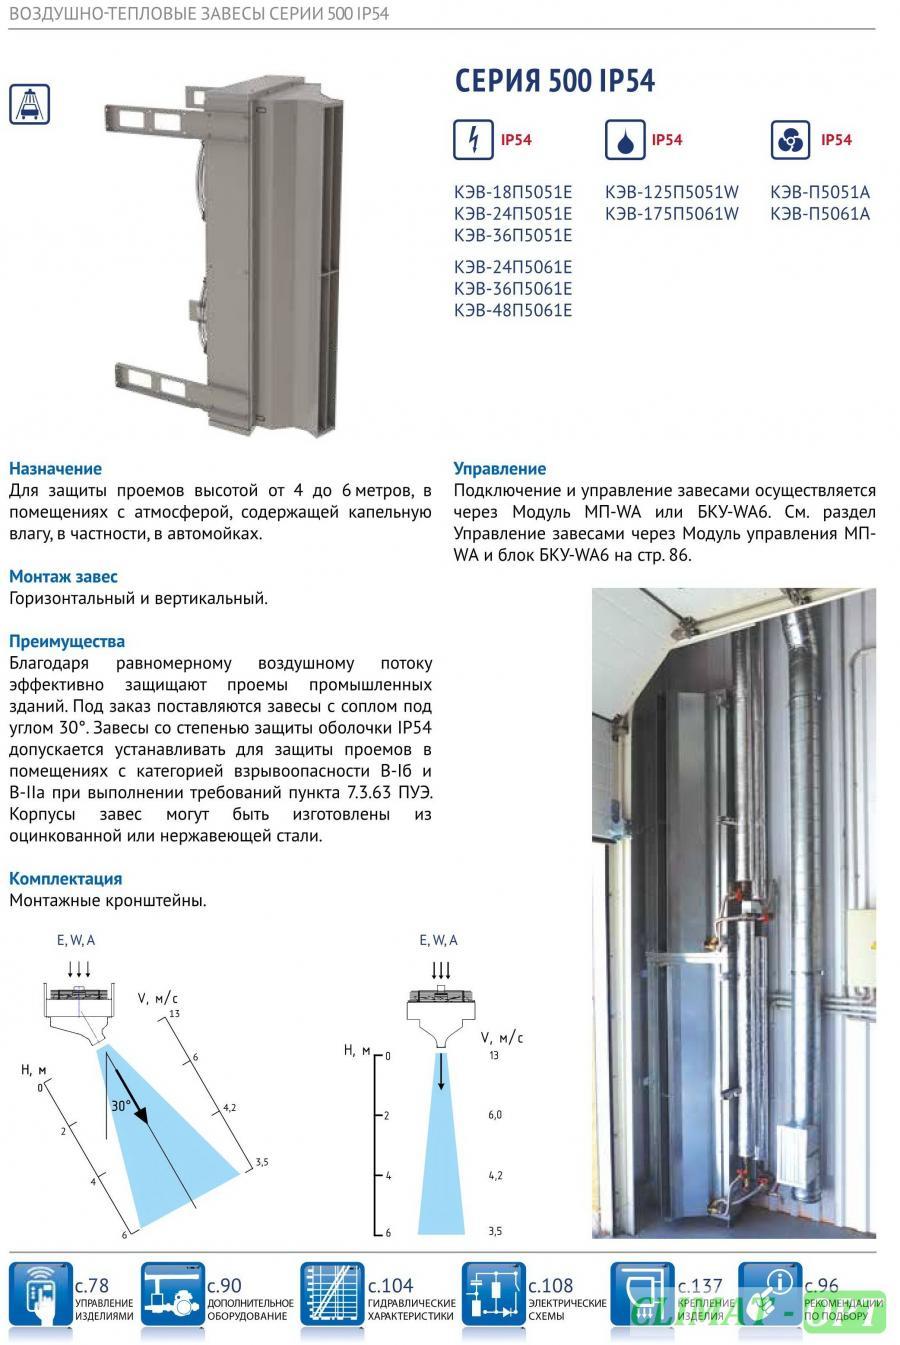 Тепловая завеса для автомоек максимальная высота монтажа 6 м